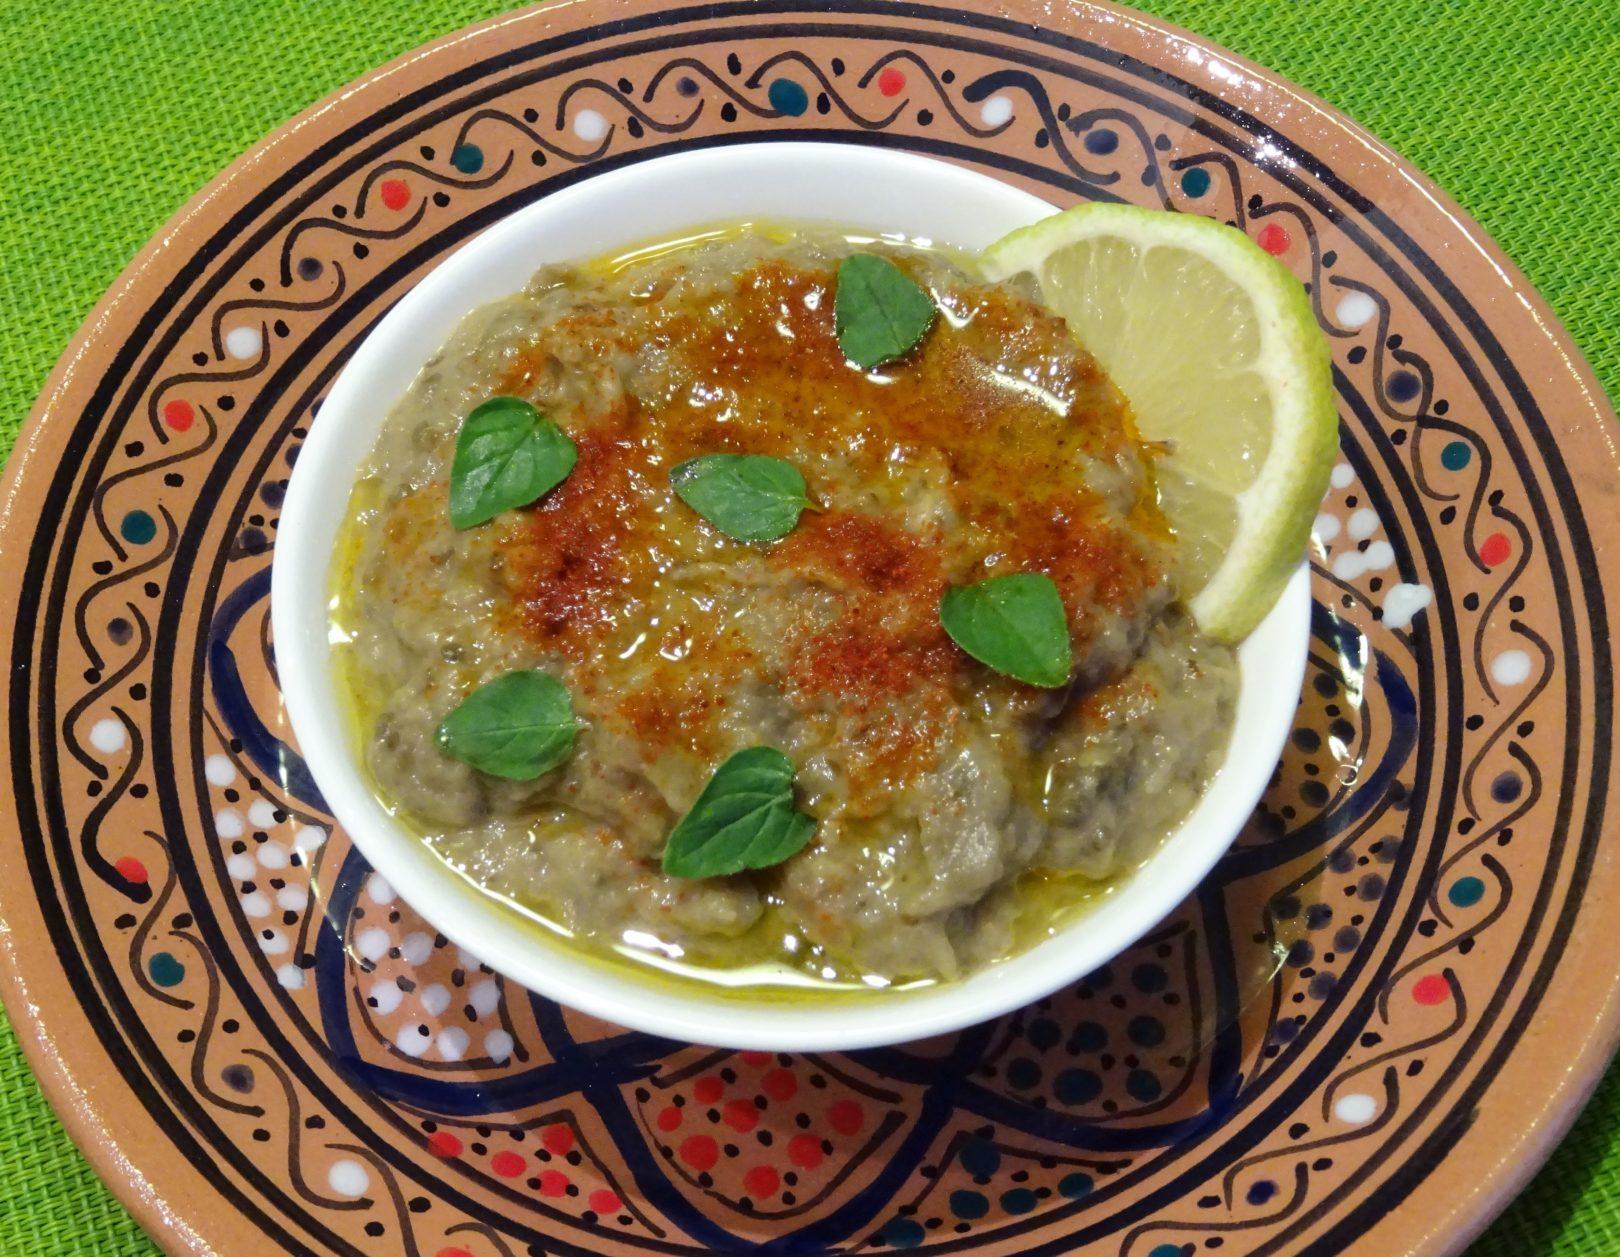 Babaganoush ovvero hummus di melanzane alla maniera mediorientale